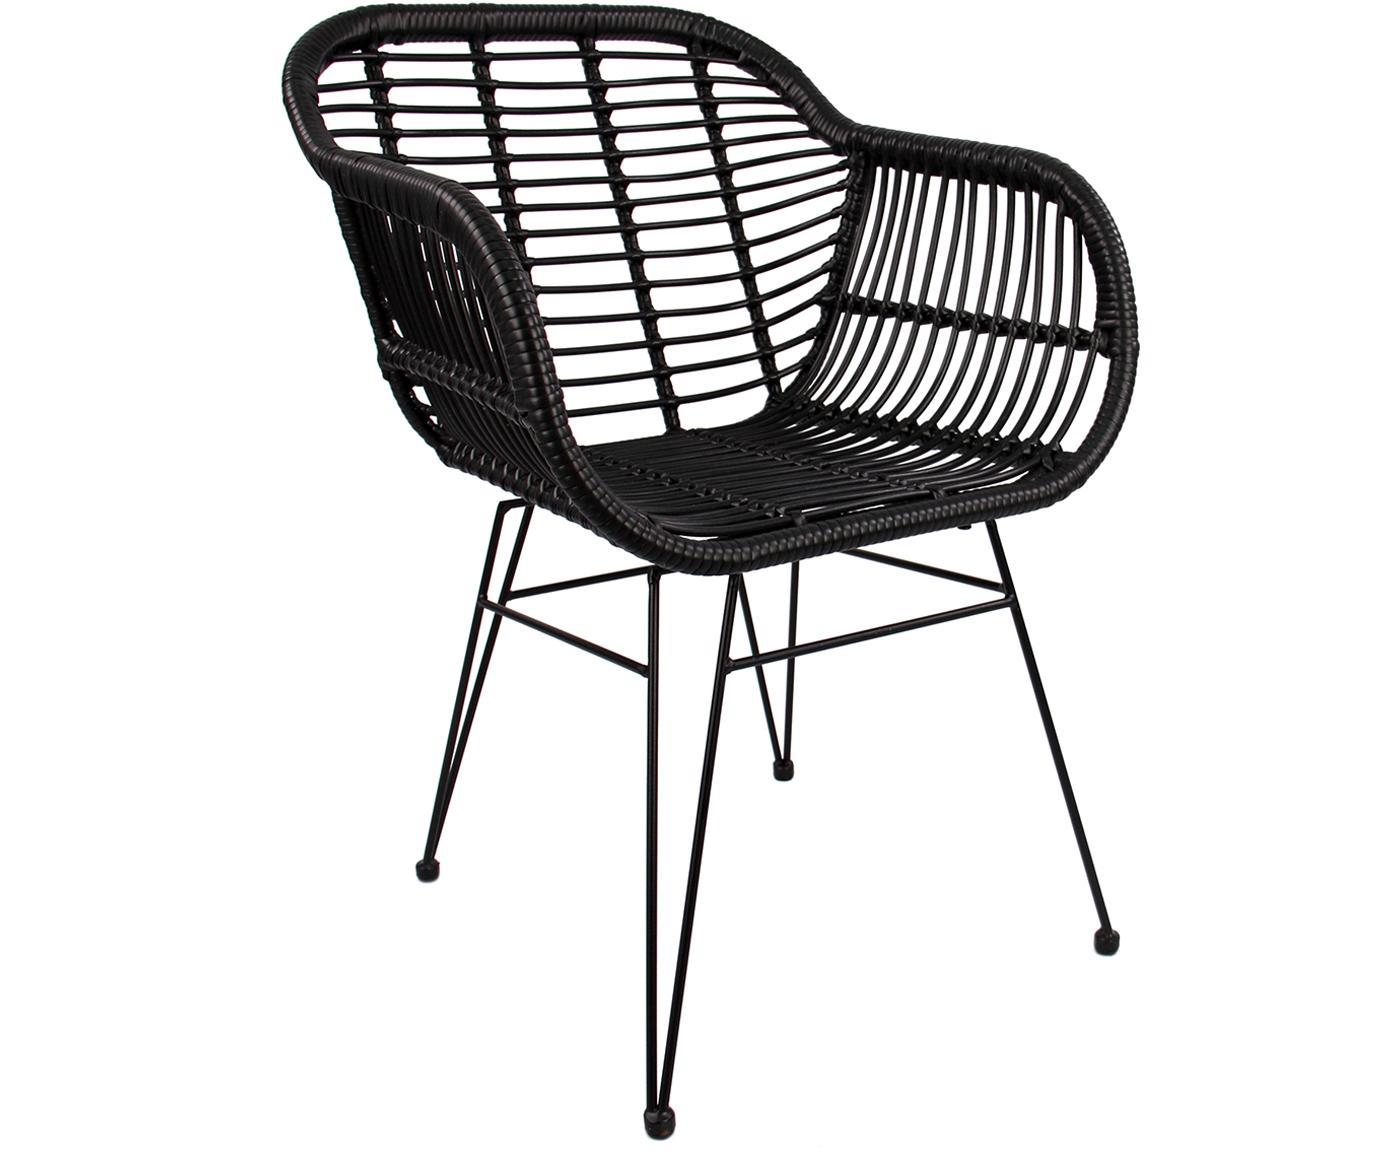 Sedia con braccioli Costa 2 pz, Seduta: intreccio polietilene, Struttura: metallo verniciato a polv, Nero, gambe nero, Larg. 60 x Prof. 58 cm